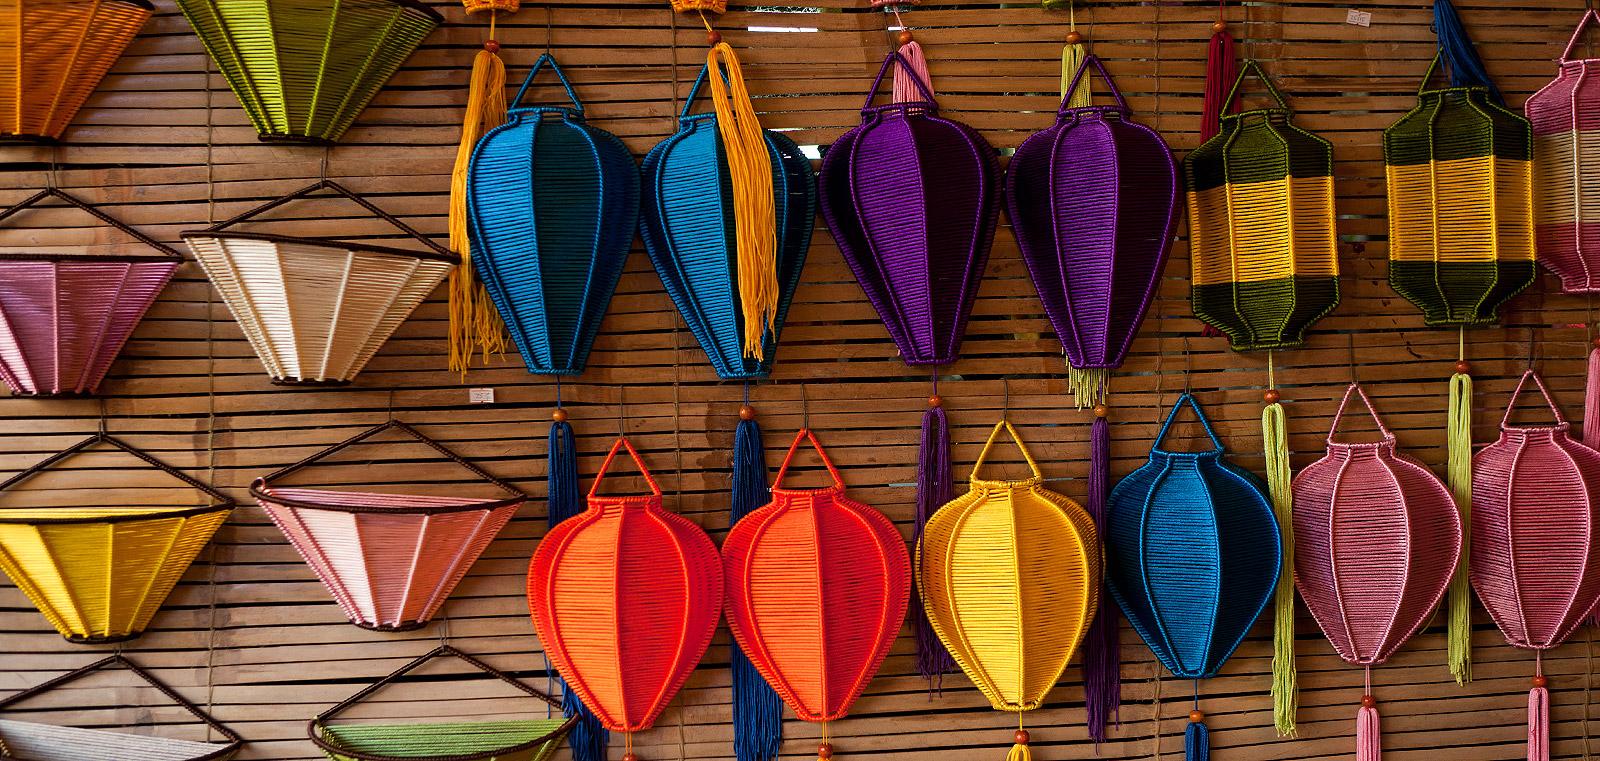 Đèn lồng Hội An, Quảng Nam